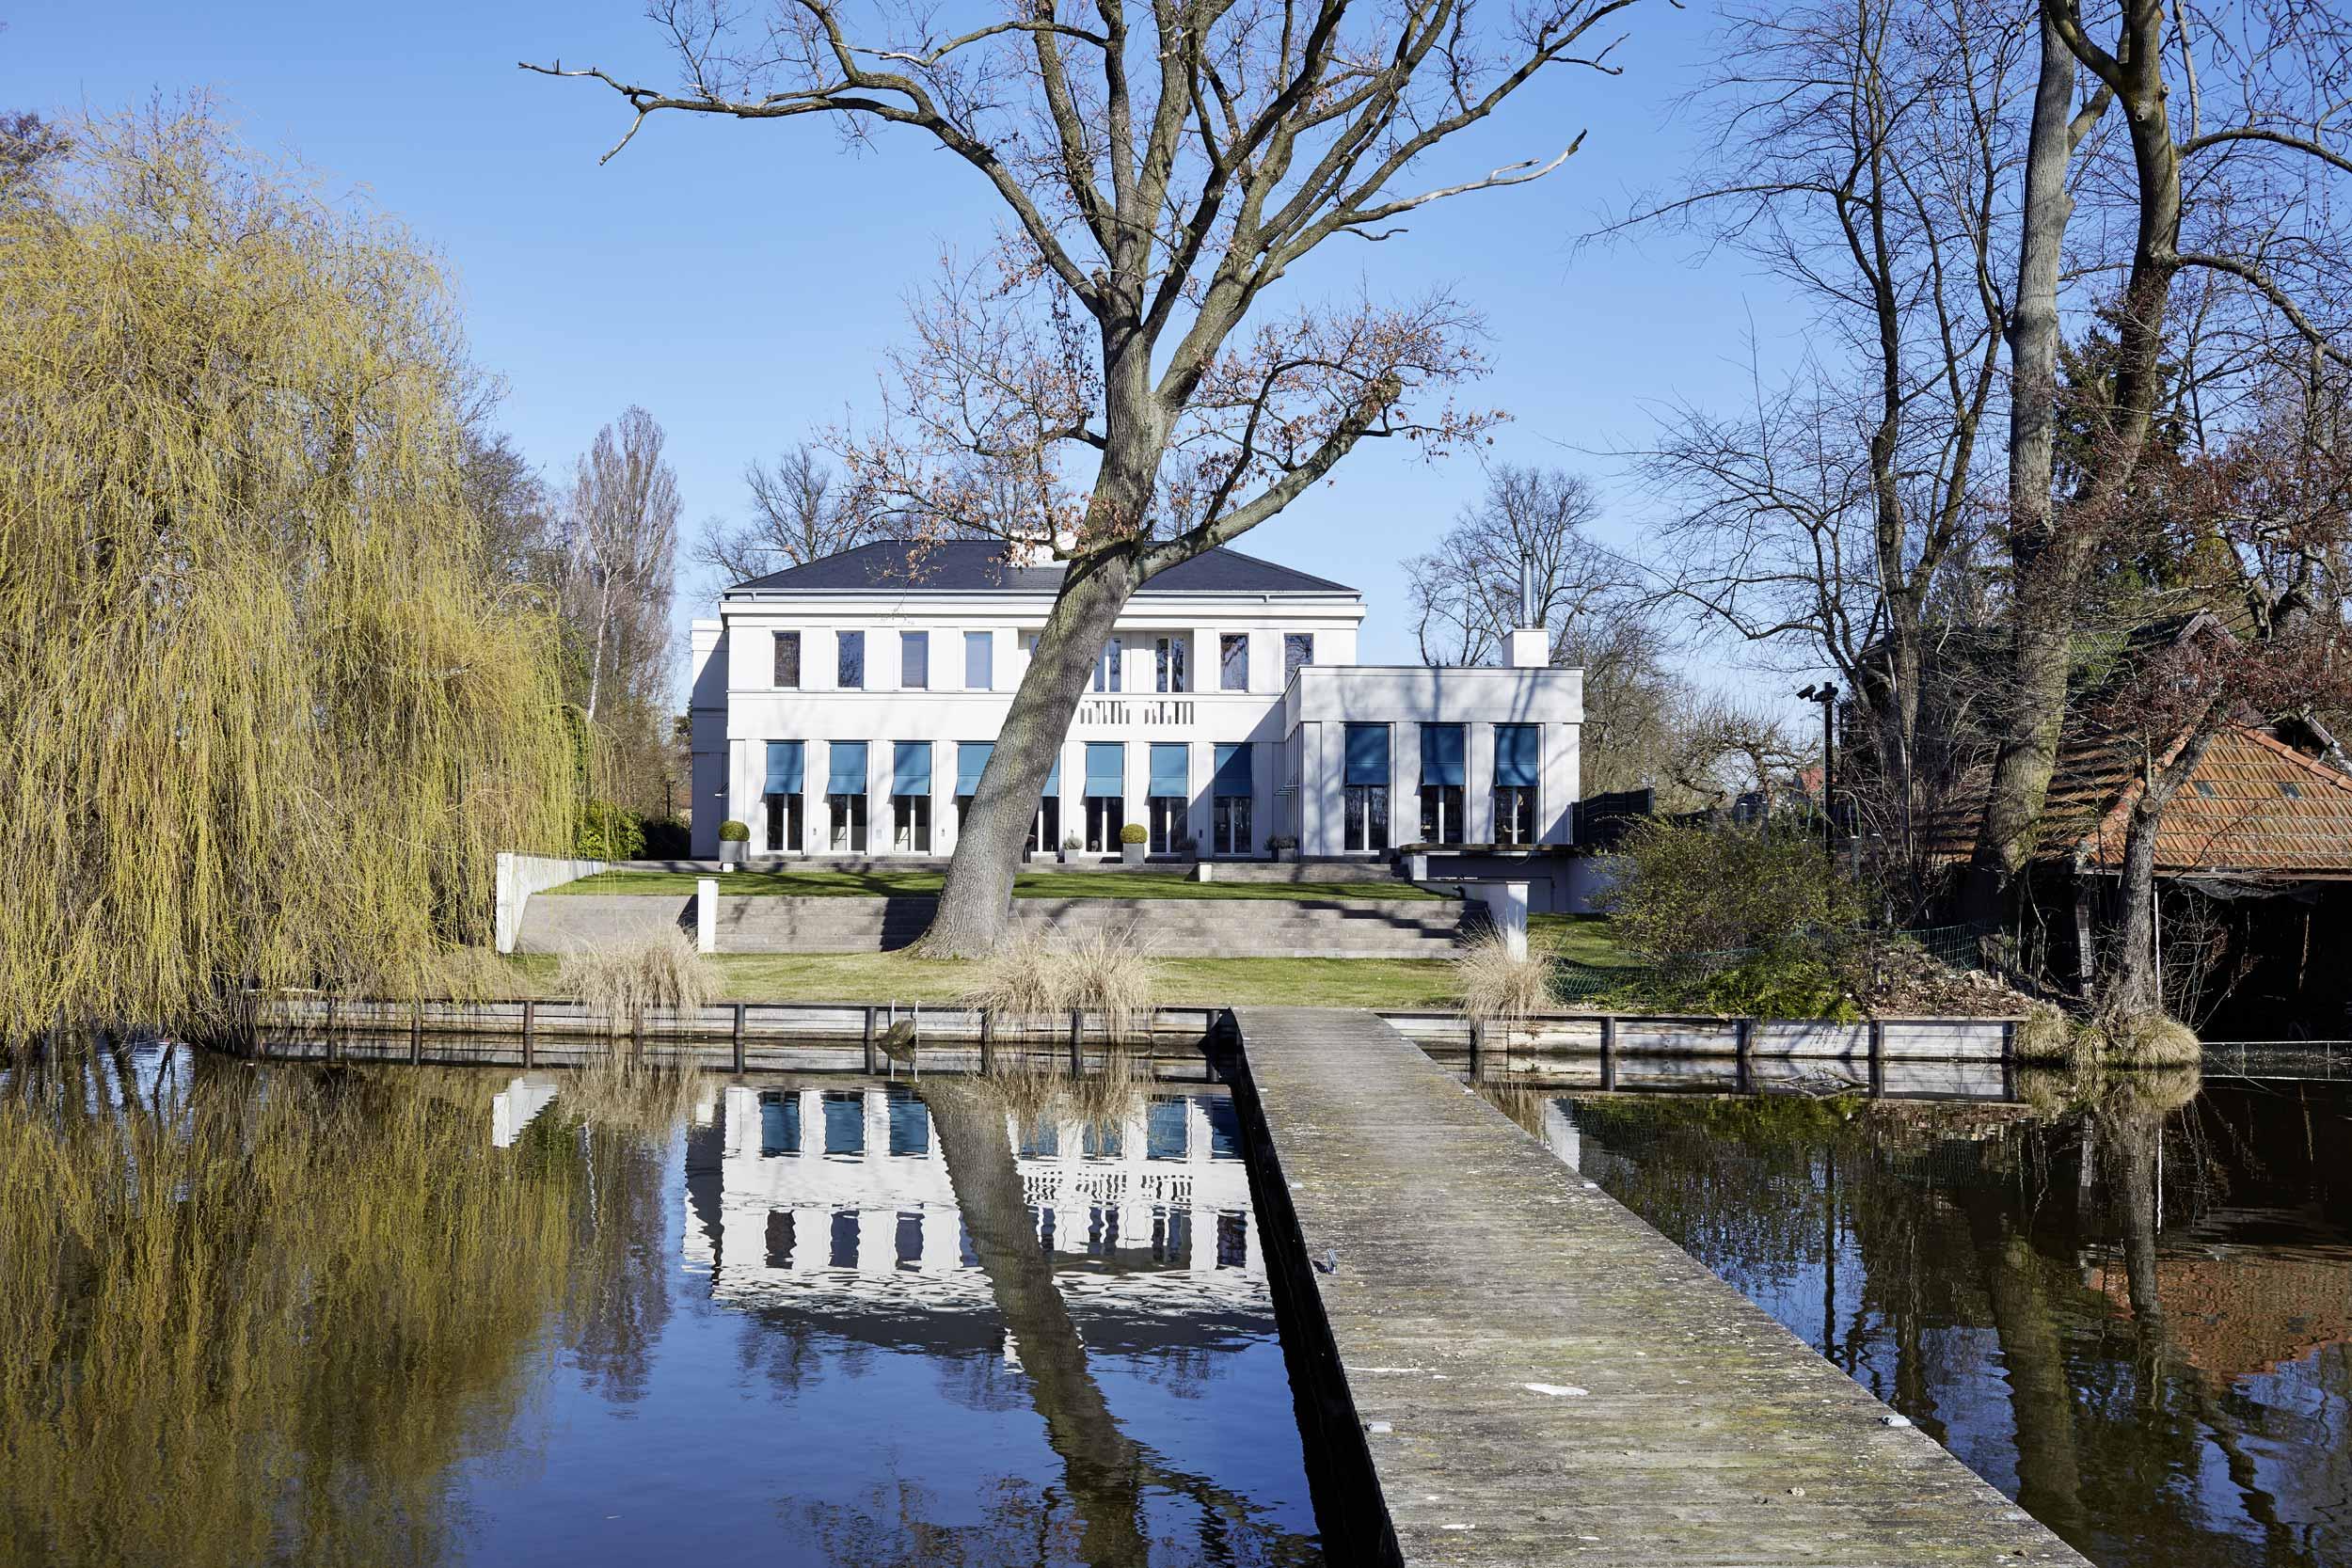 Neubau einer Villa in klassisch-traditioneller Architektursprache am See - Die Seelage der Villa mit Blick von der Steganlage auf das Seeufer